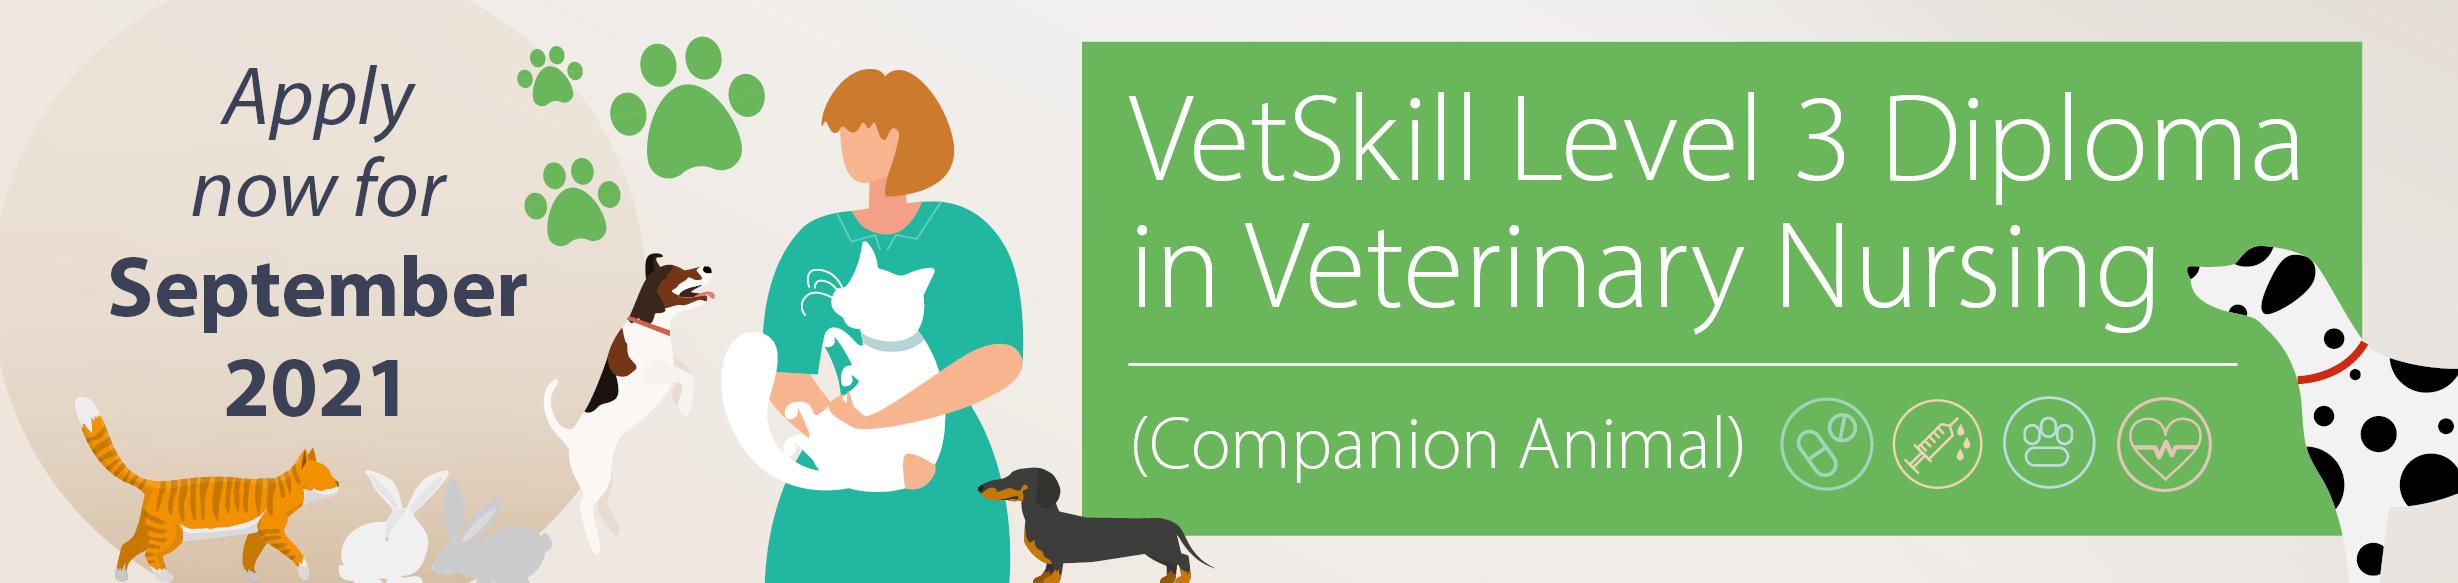 Start studying the Level 3 Diploma in Veterinary Nursing in September 2021